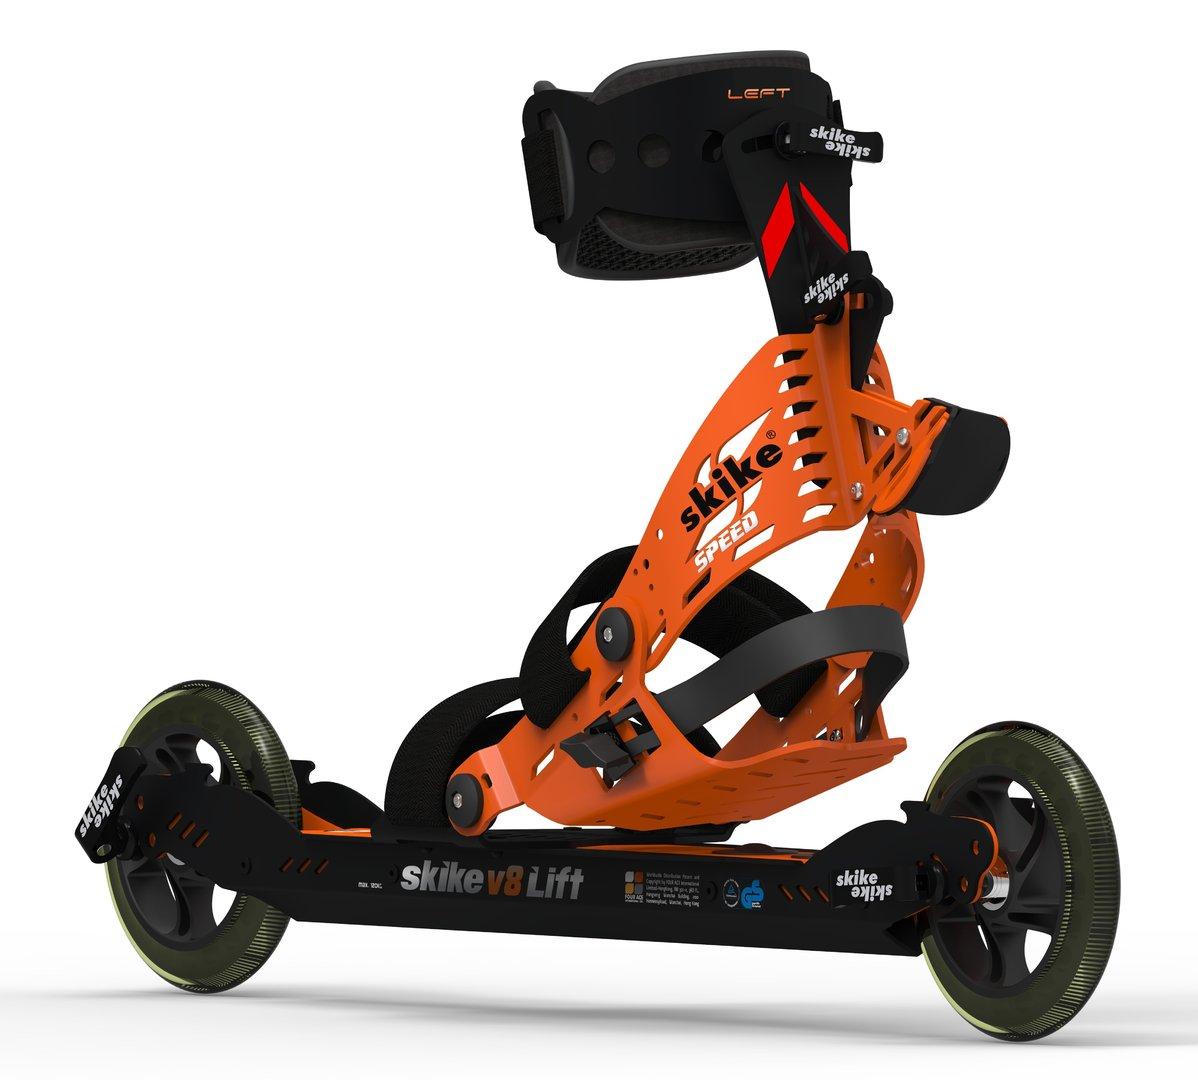 Powerslide Kaze Suv 150: Cross-Skates Skike V8 Lift Speed 145-Verkauf